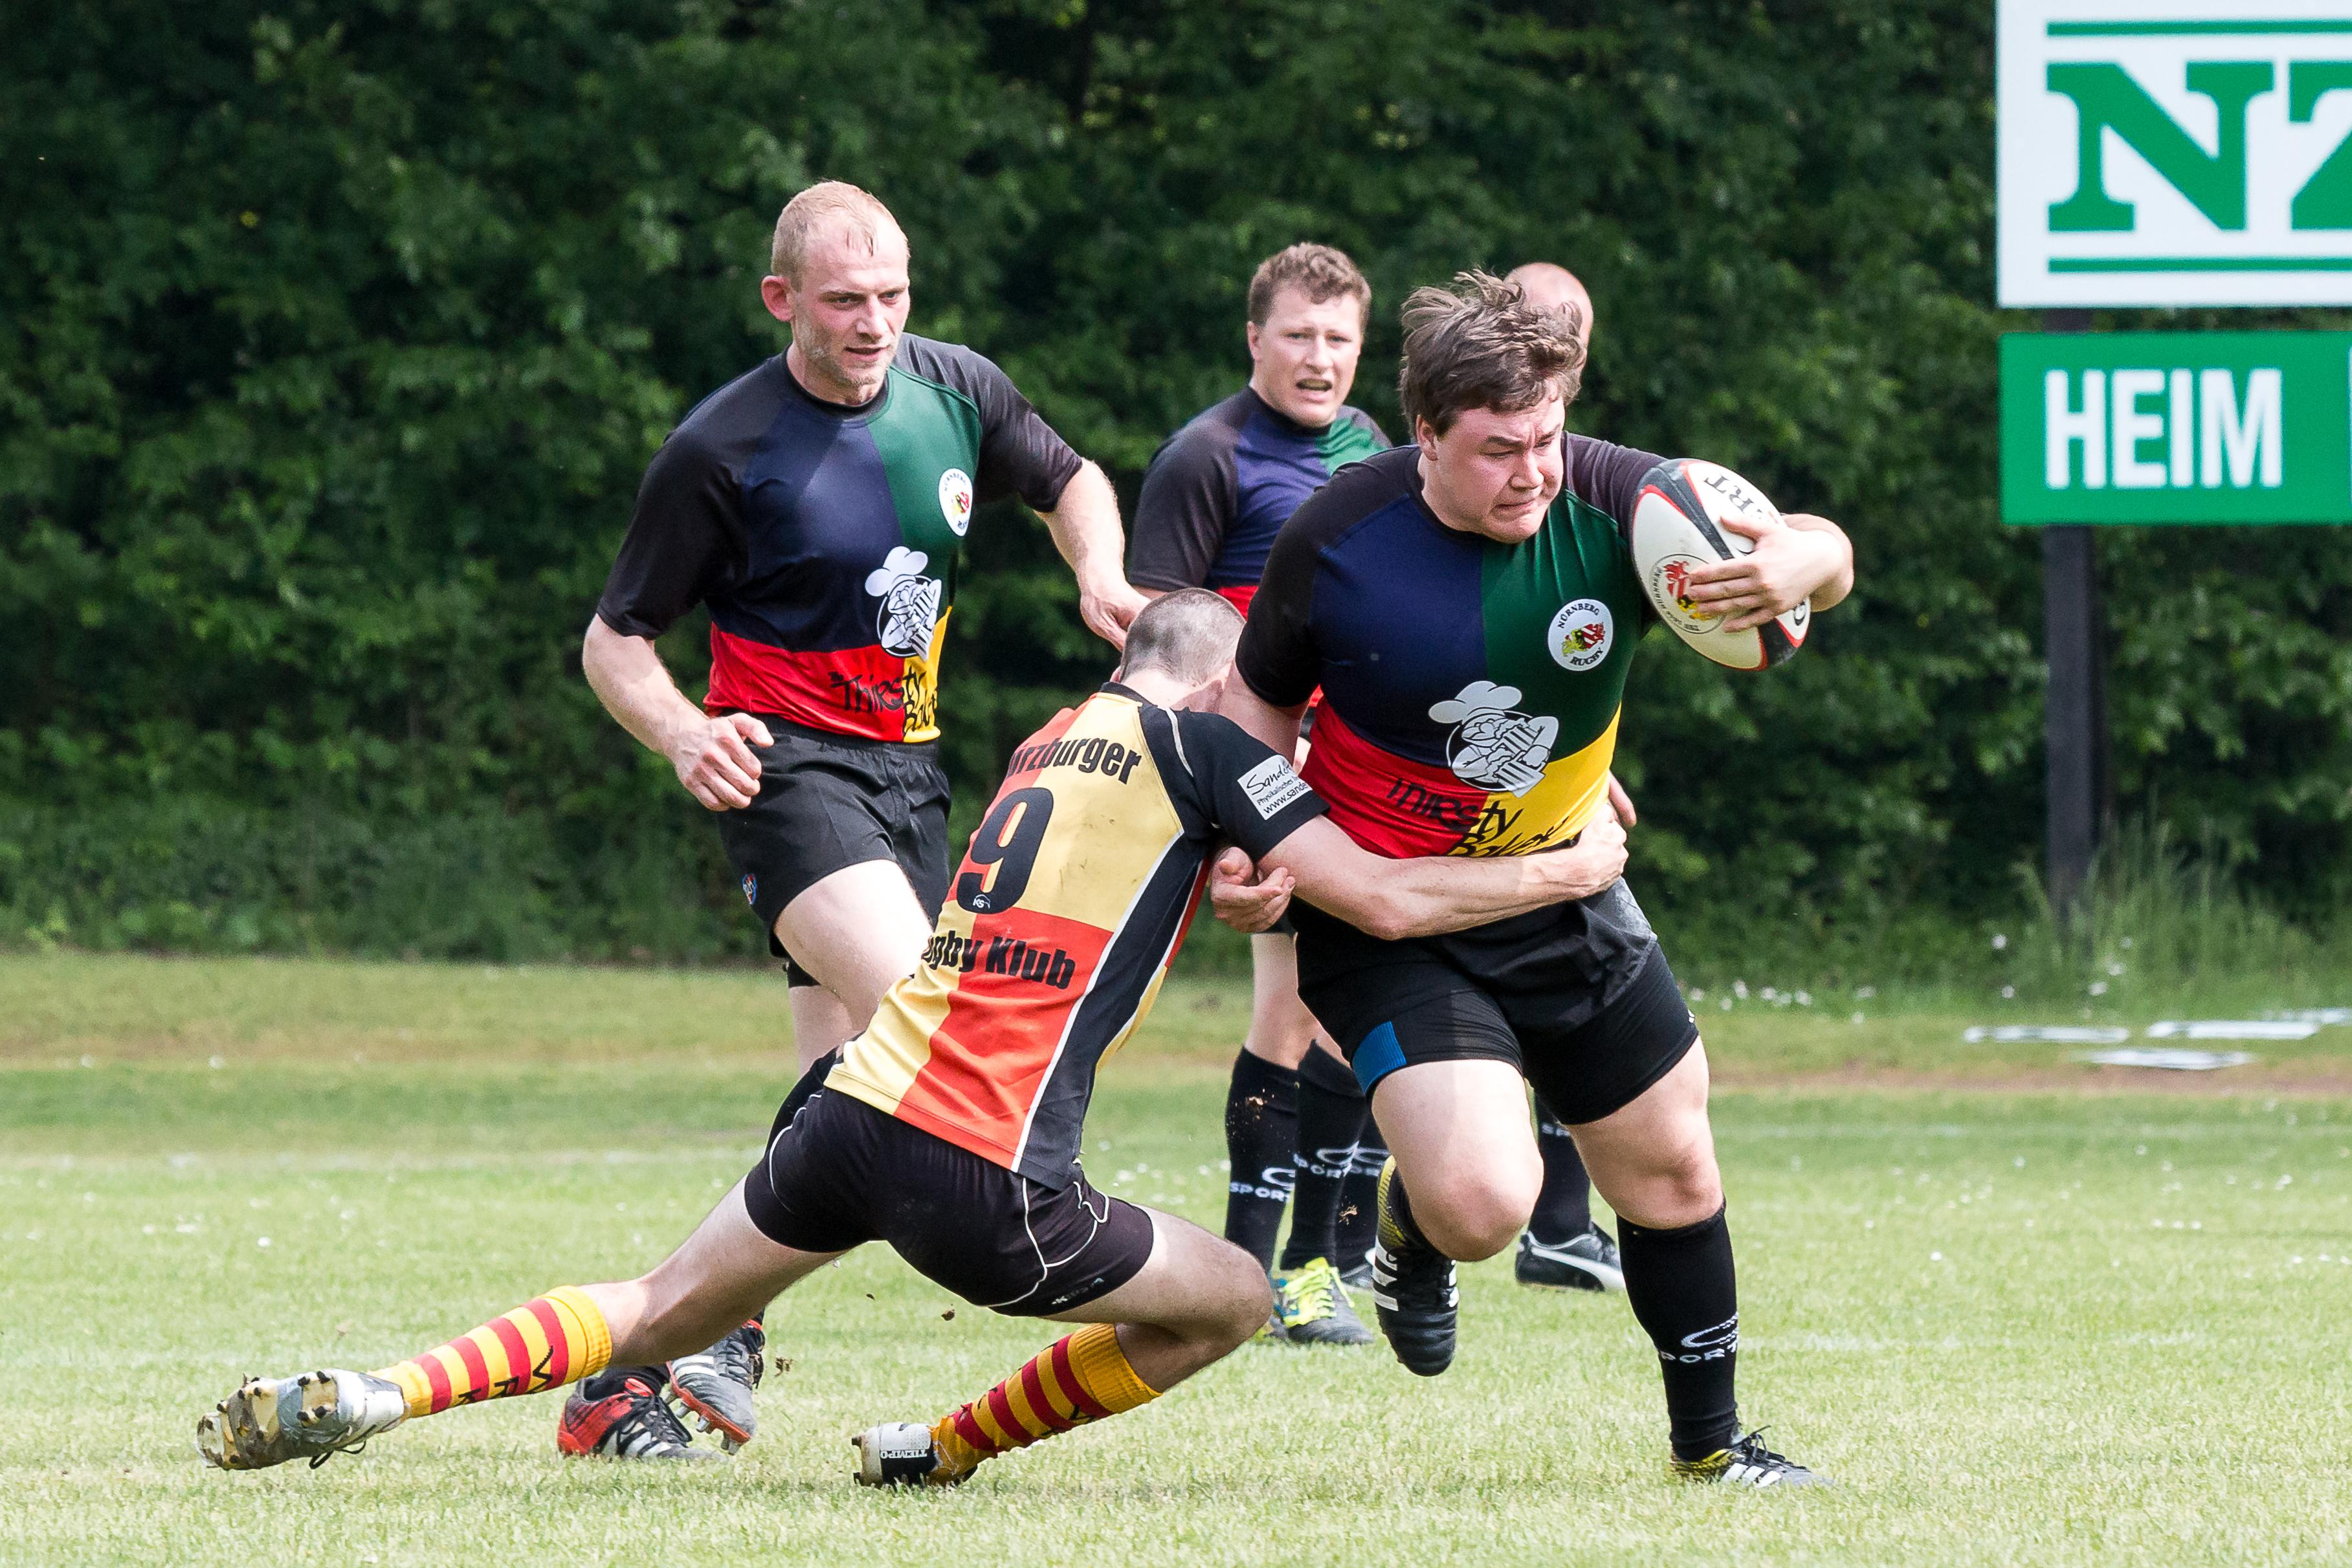 nürnberg rugby